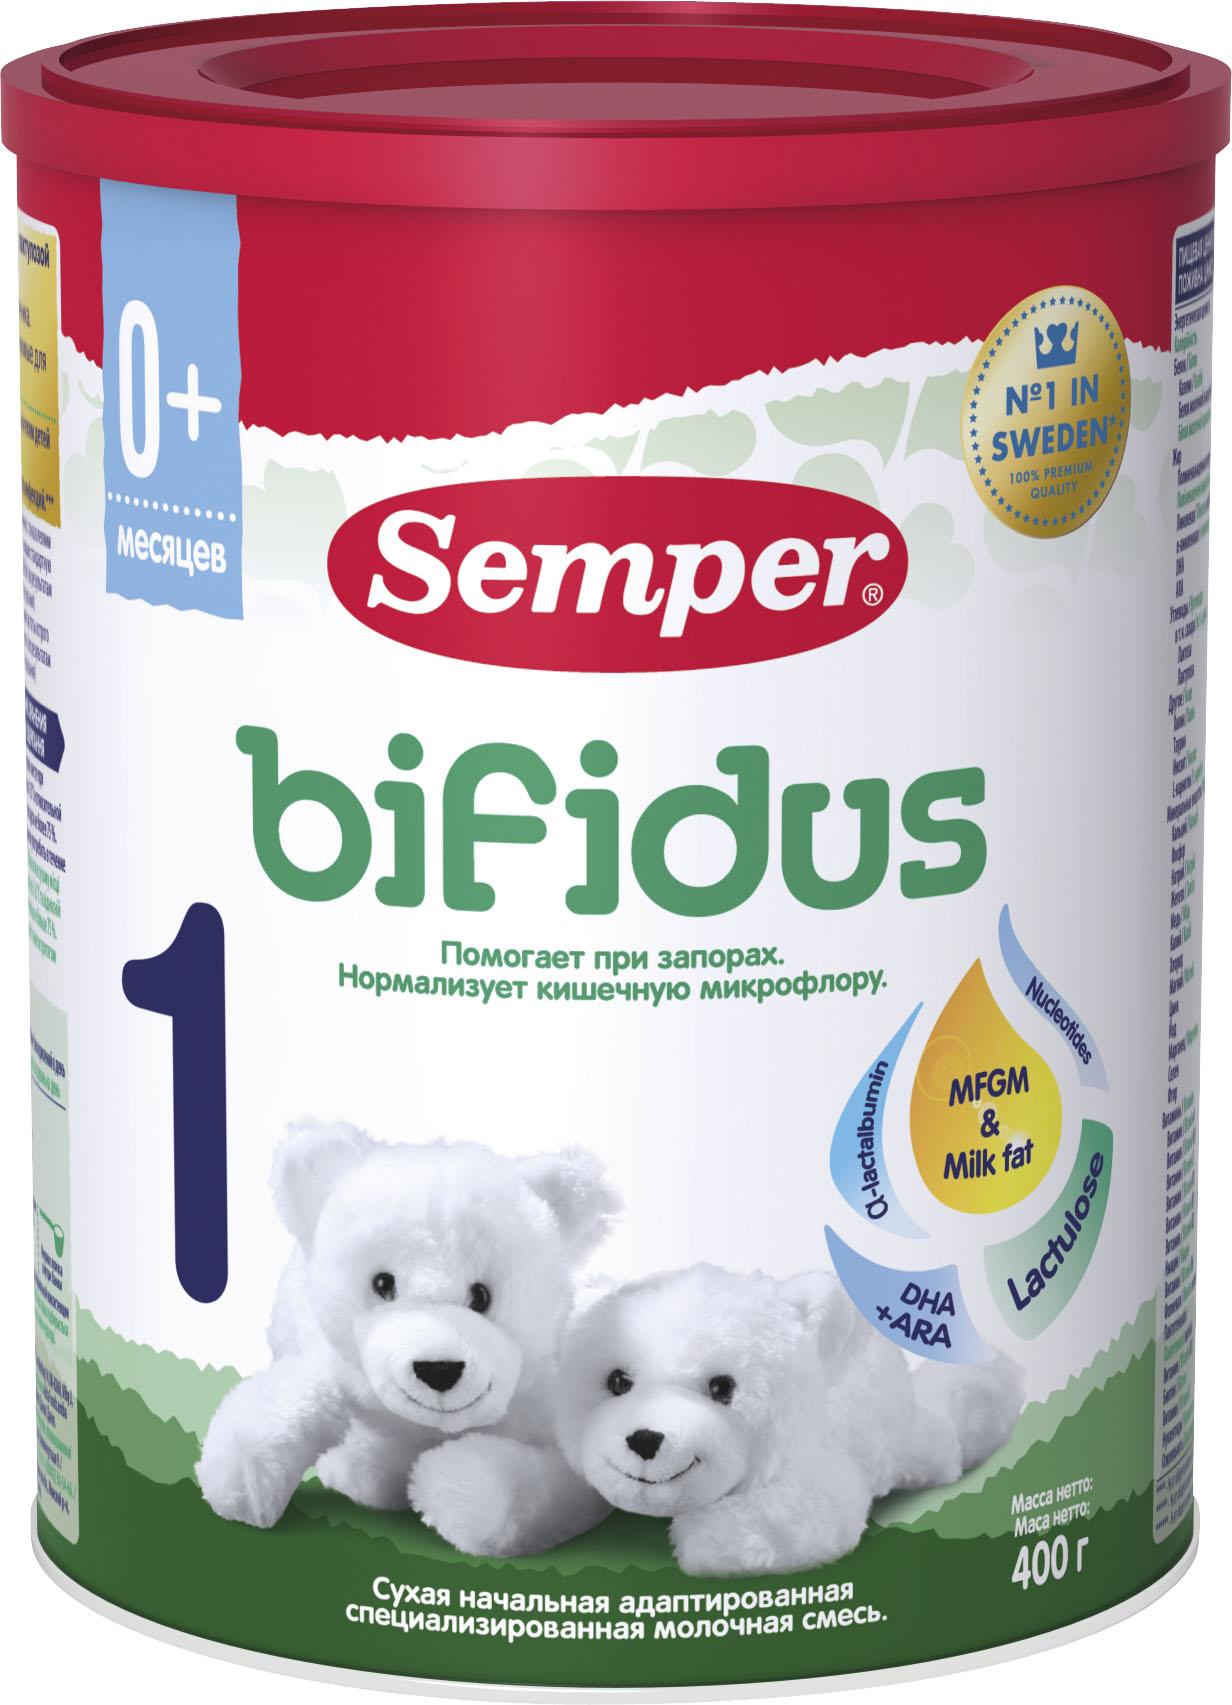 Молочная смесь Semper Semper Bifidus 1 (с рождения) 400 г молочная смесь semper baby nutradefense 1 с рождения 400 г